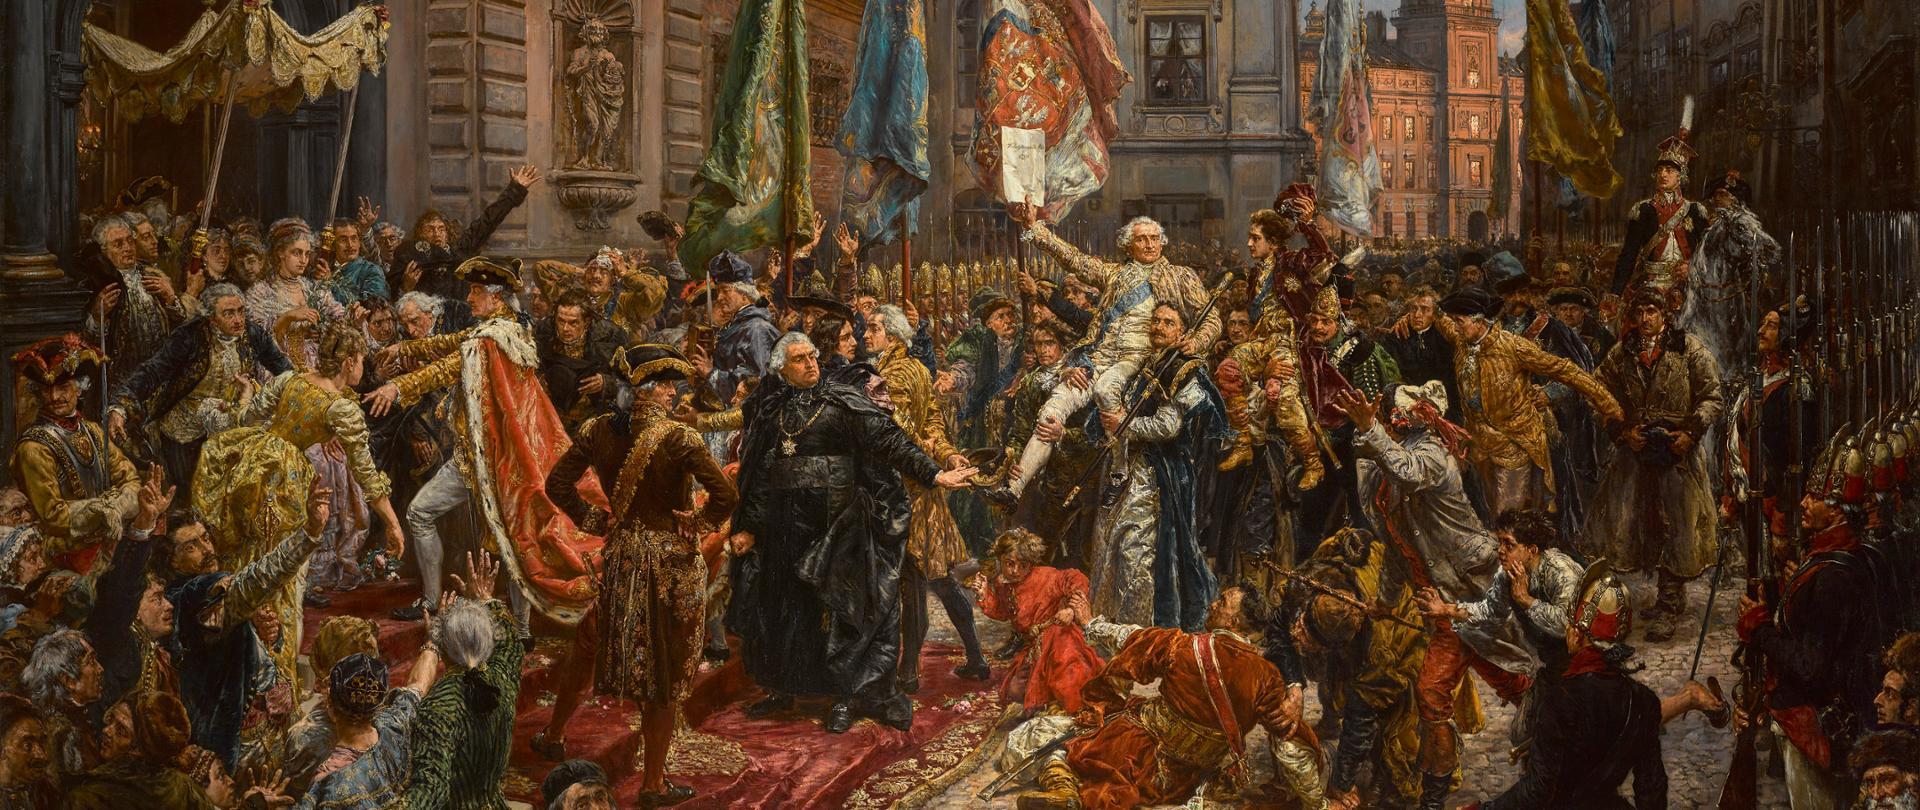 Konstytucja 3 maja, Zamek Królewski w Warszawie, fot. A. Ring, L. Sandzewicz.